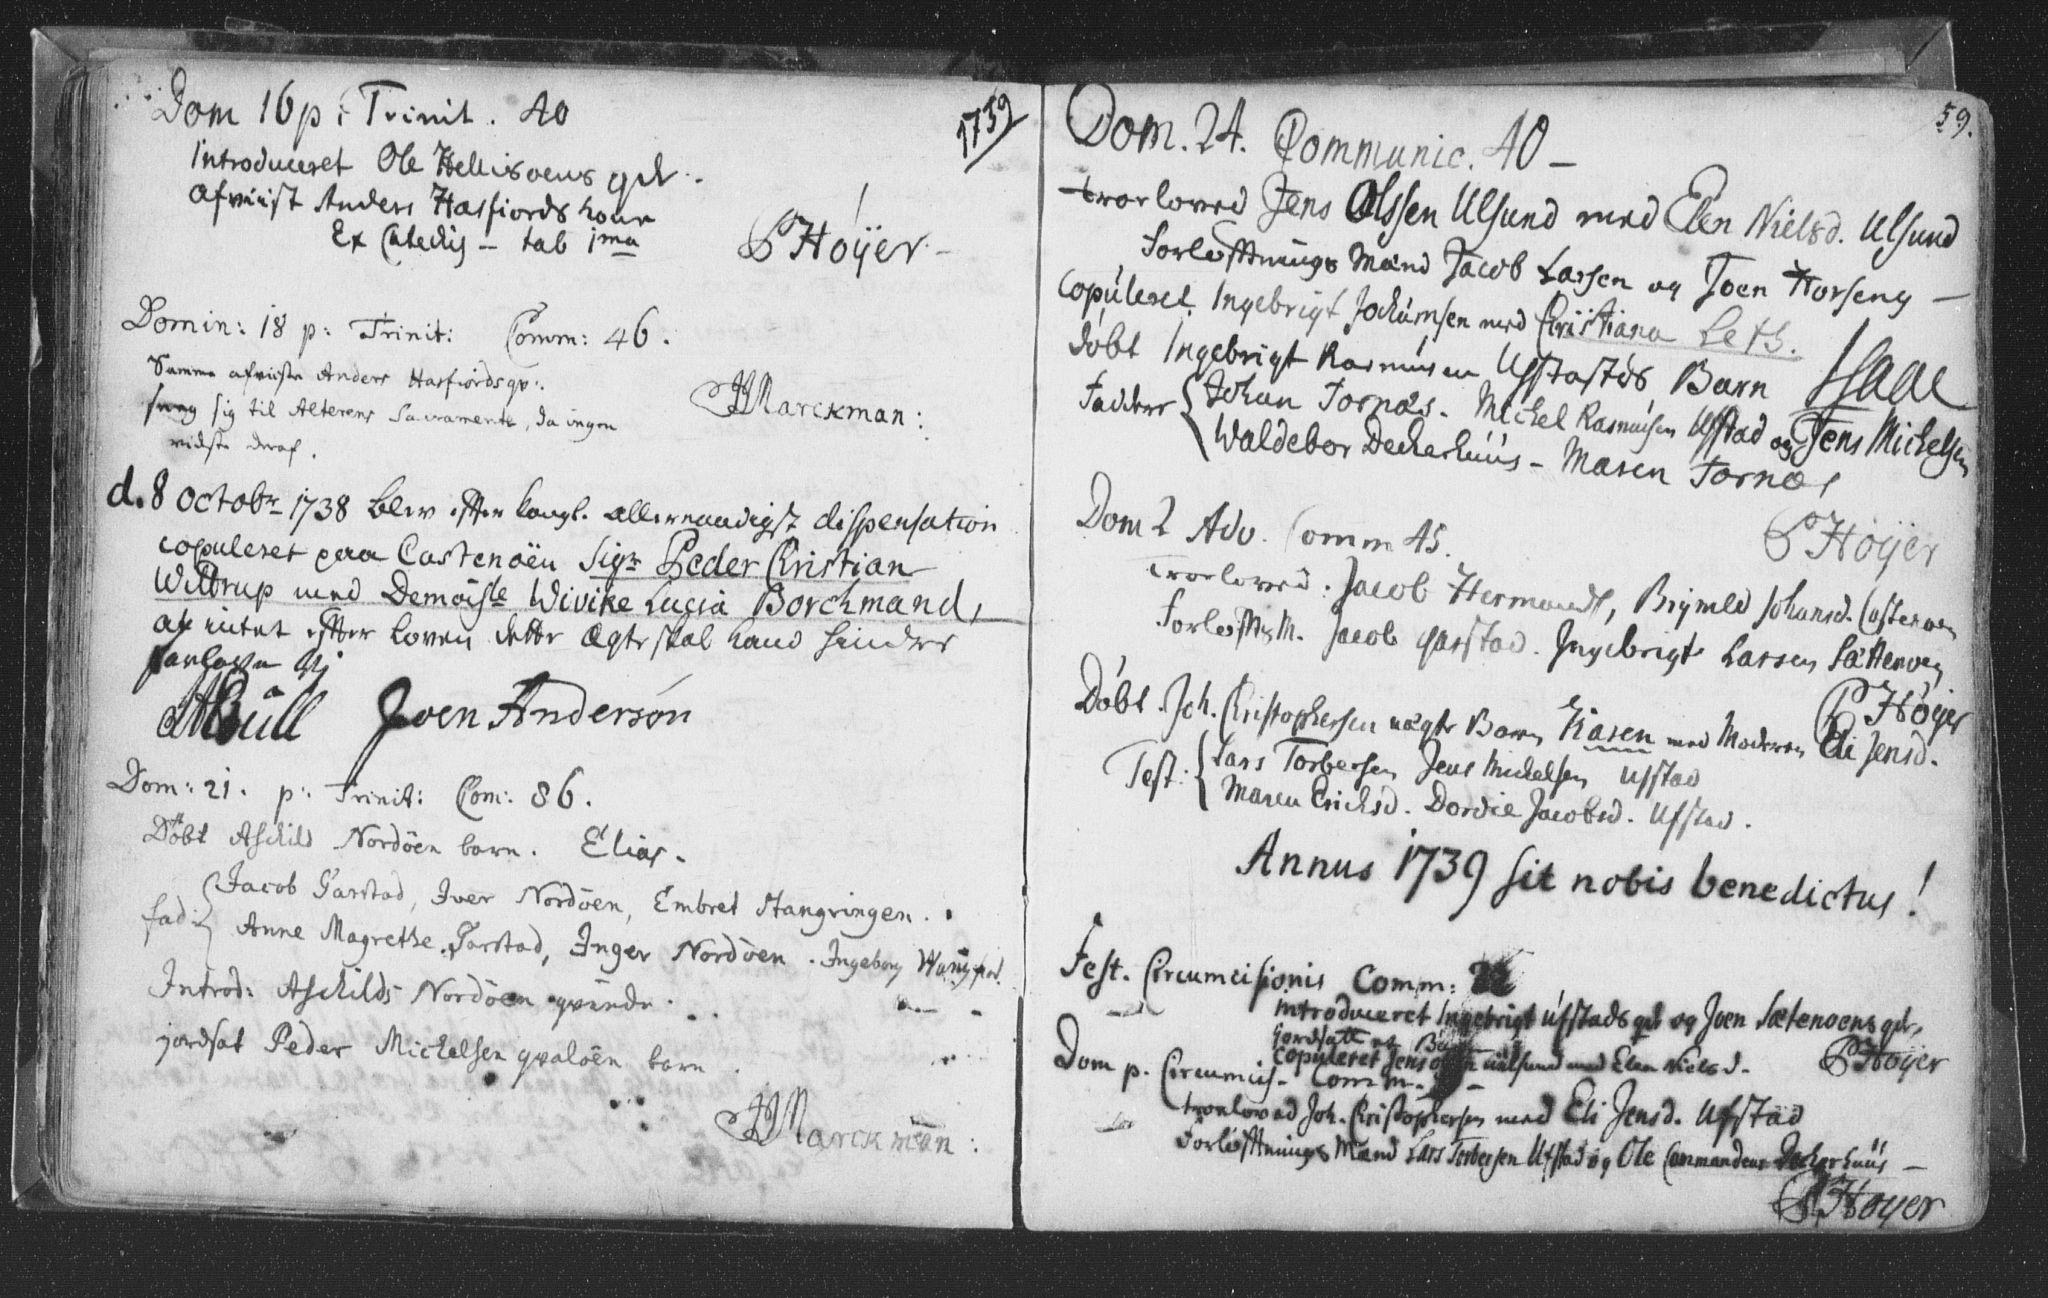 SAT, Ministerialprotokoller, klokkerbøker og fødselsregistre - Nord-Trøndelag, 786/L0685: Ministerialbok nr. 786A01, 1710-1798, s. 59